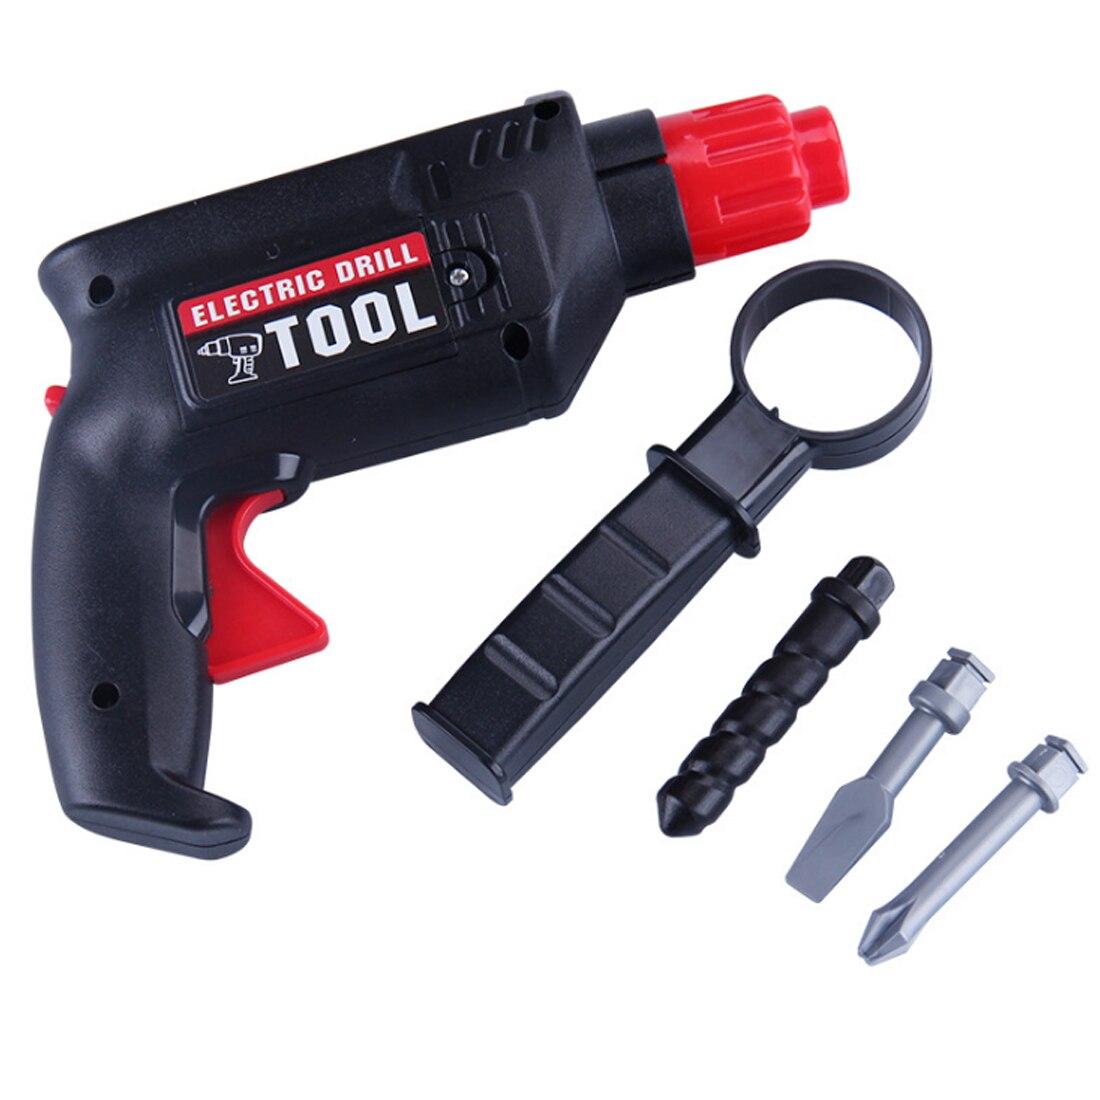 Rowsfire herramienta juguete de los niños de plástico de herramienta de mantenimiento para reparación de herramientas eléctricas de perforación chico juguete de regalo